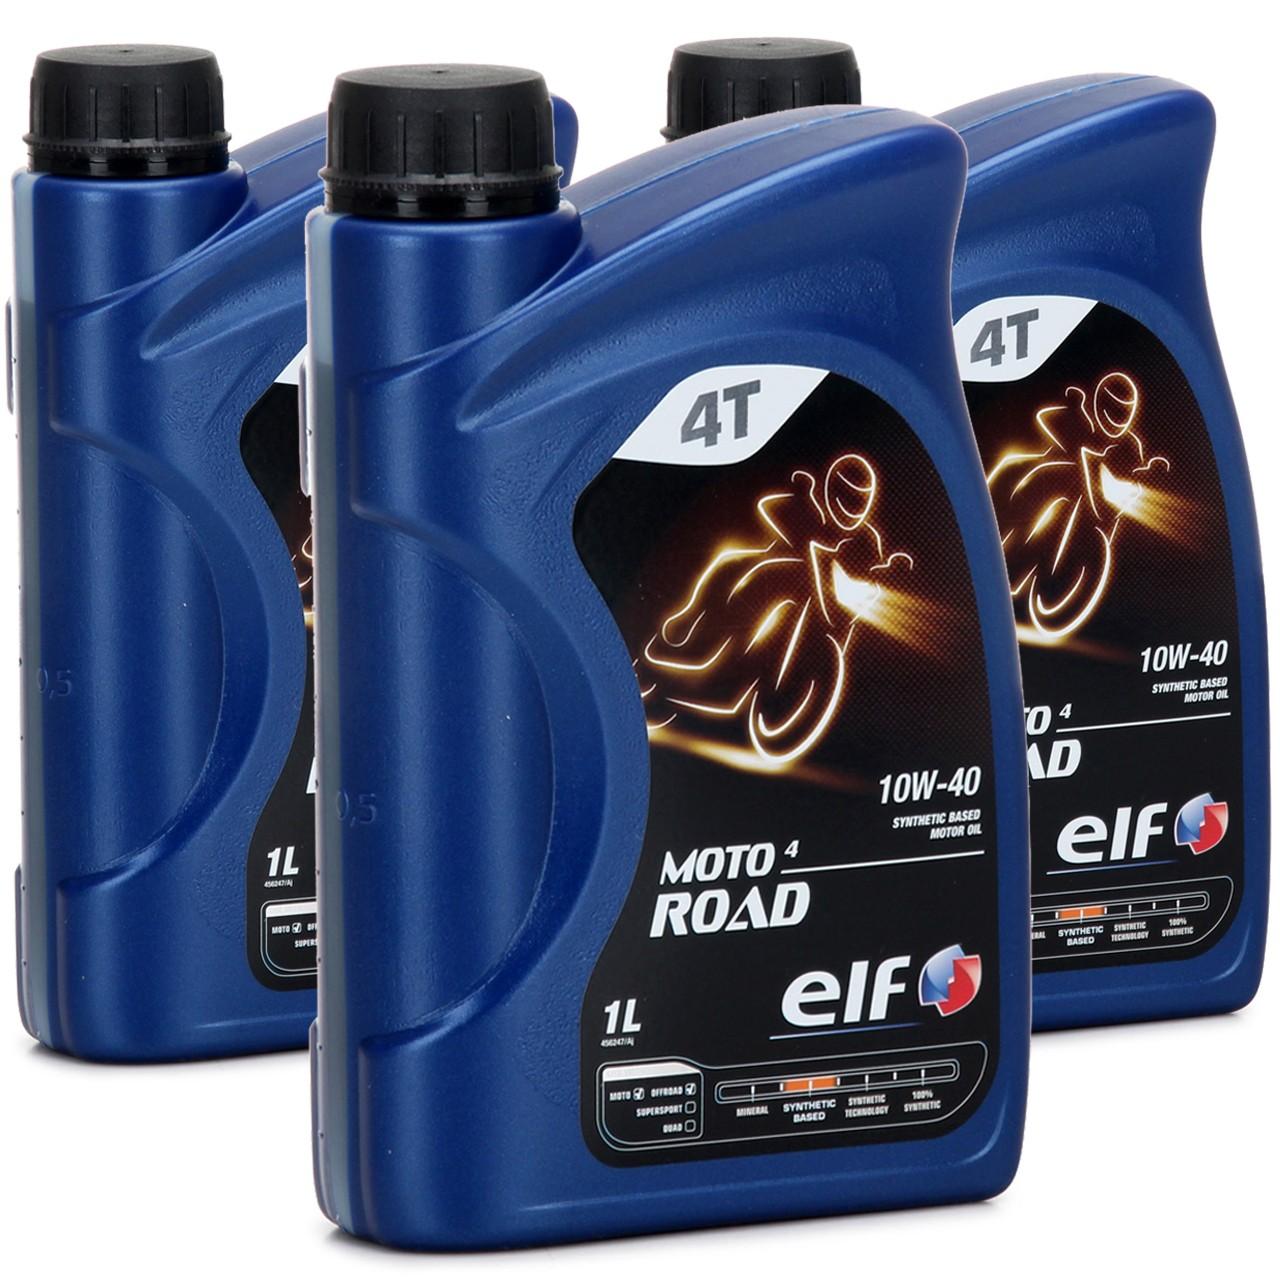 ELF Motoröl ÖL 4T 4-TAKT MOTO 4 ROAD 10W-40 10W40 JASO MA2 API SL - 3L 3 Liter